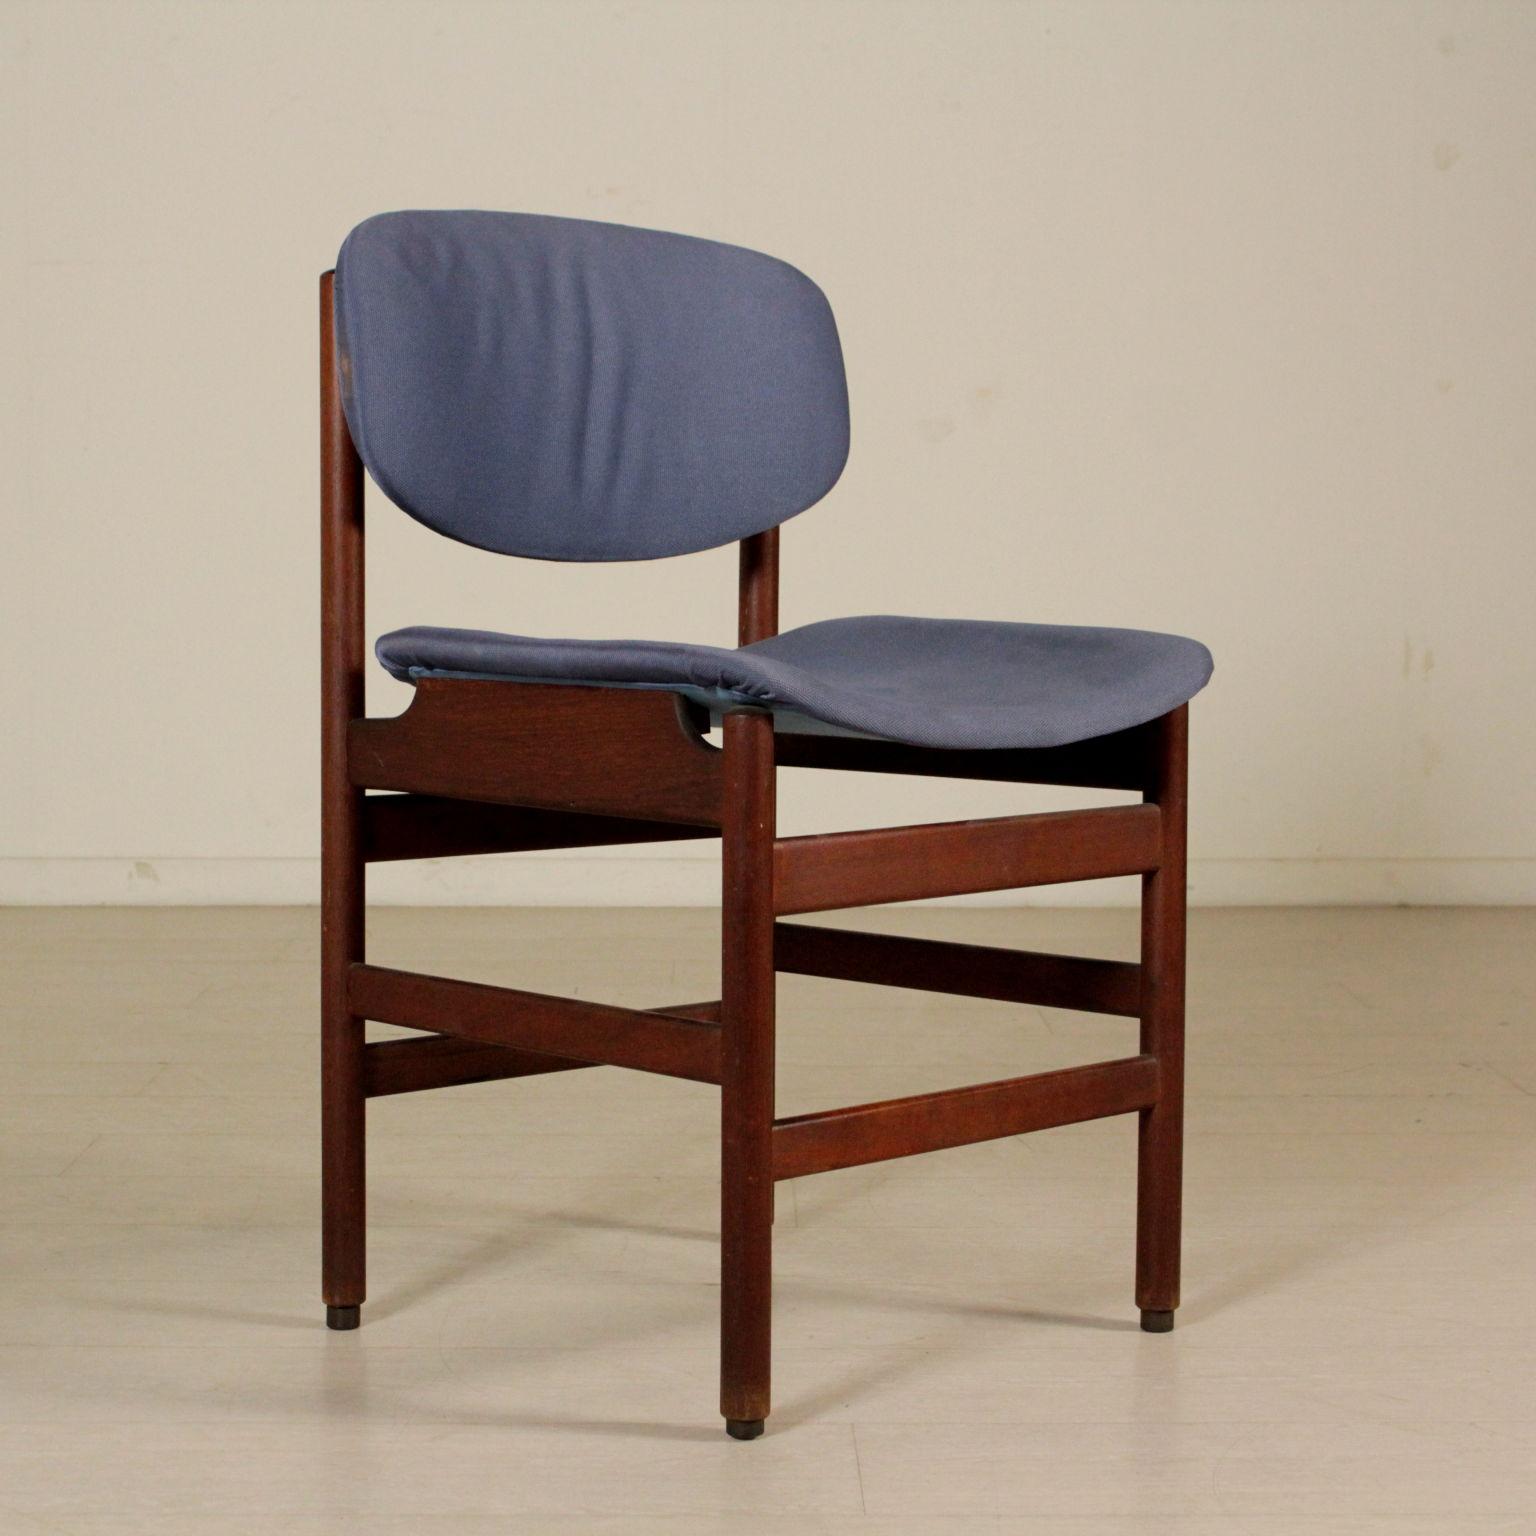 Las sillas de los a os 60 sillas dise o moderno - Sillas anos 60 ...